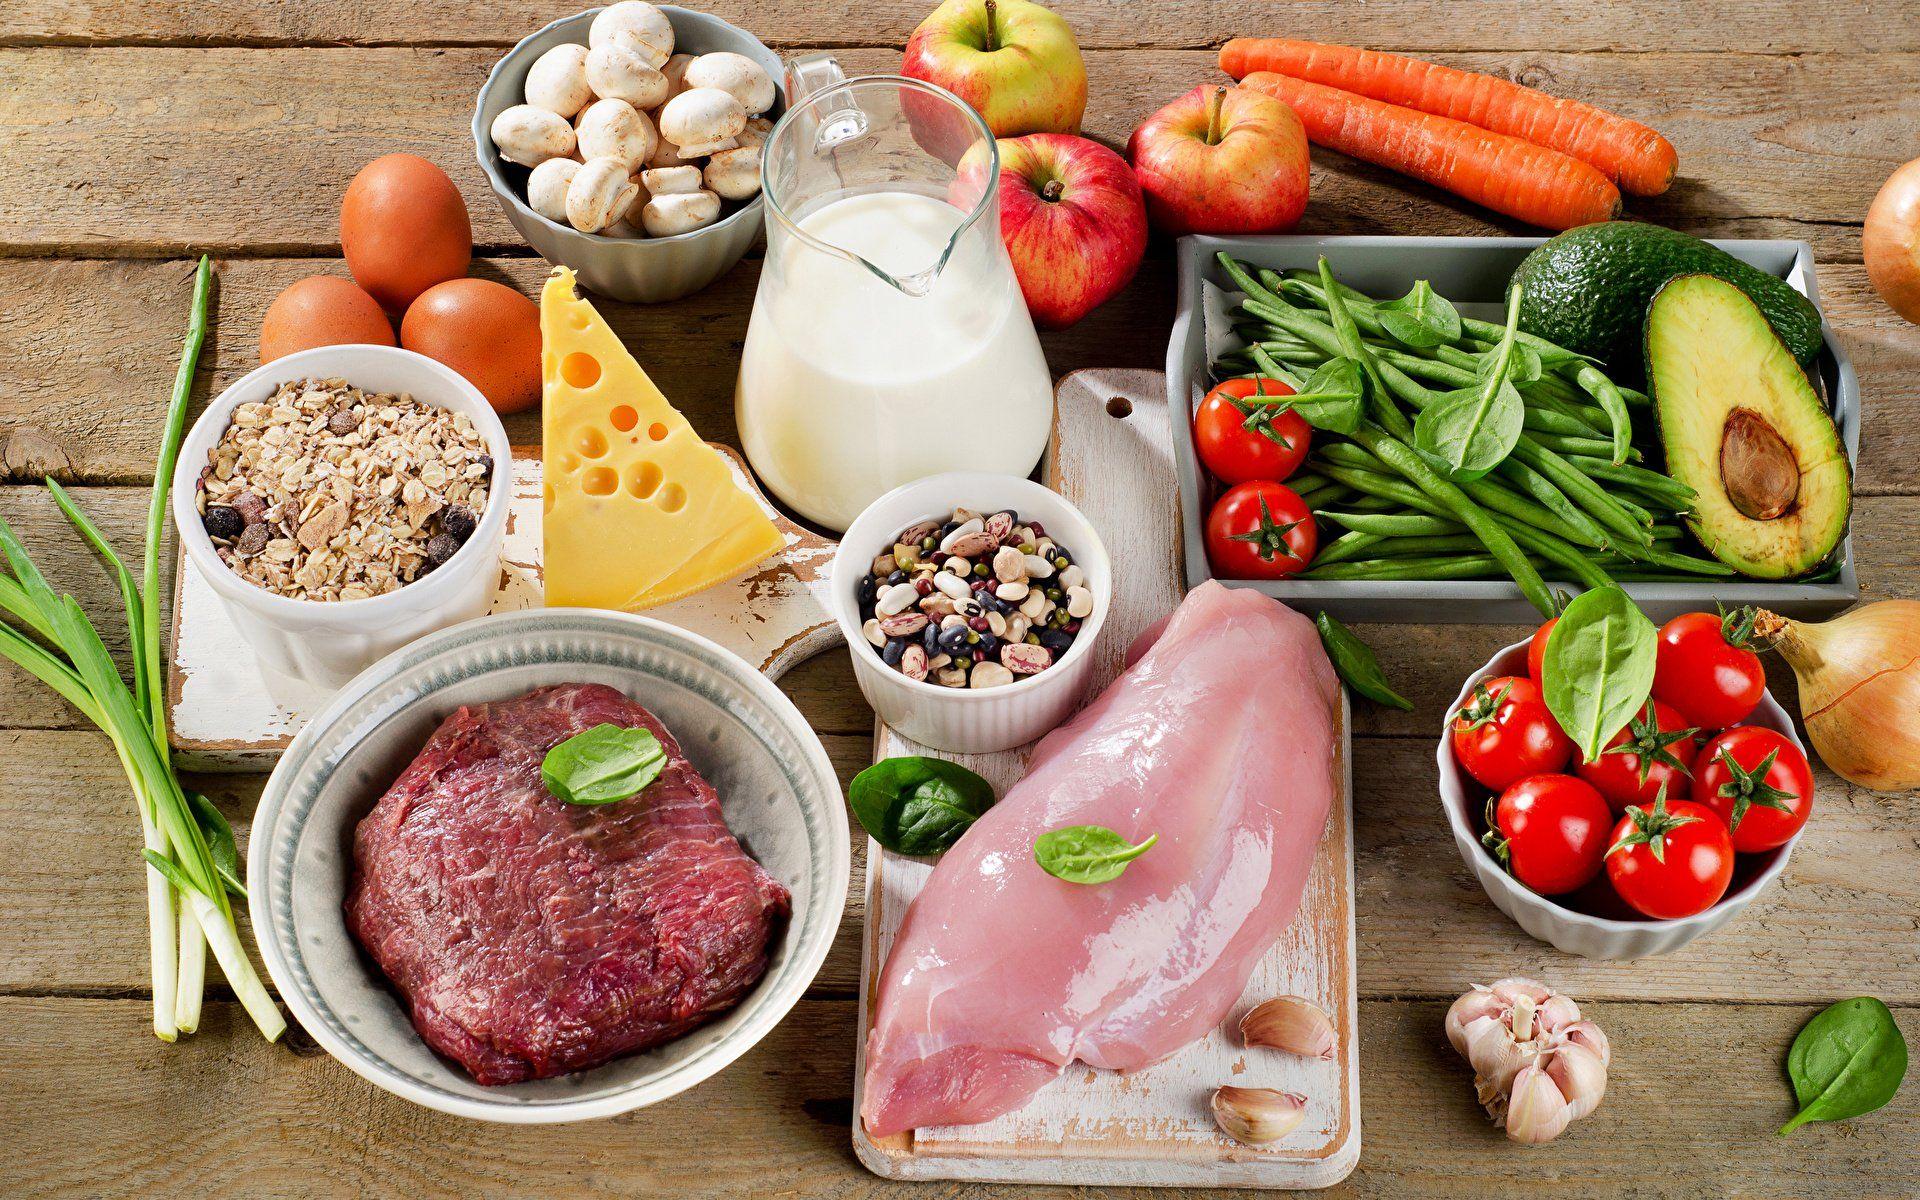 Сбалансированная Диета Для Здорового Питания. Сбалансированное питание – примерное меню на неделю для всей семьи на каждый день